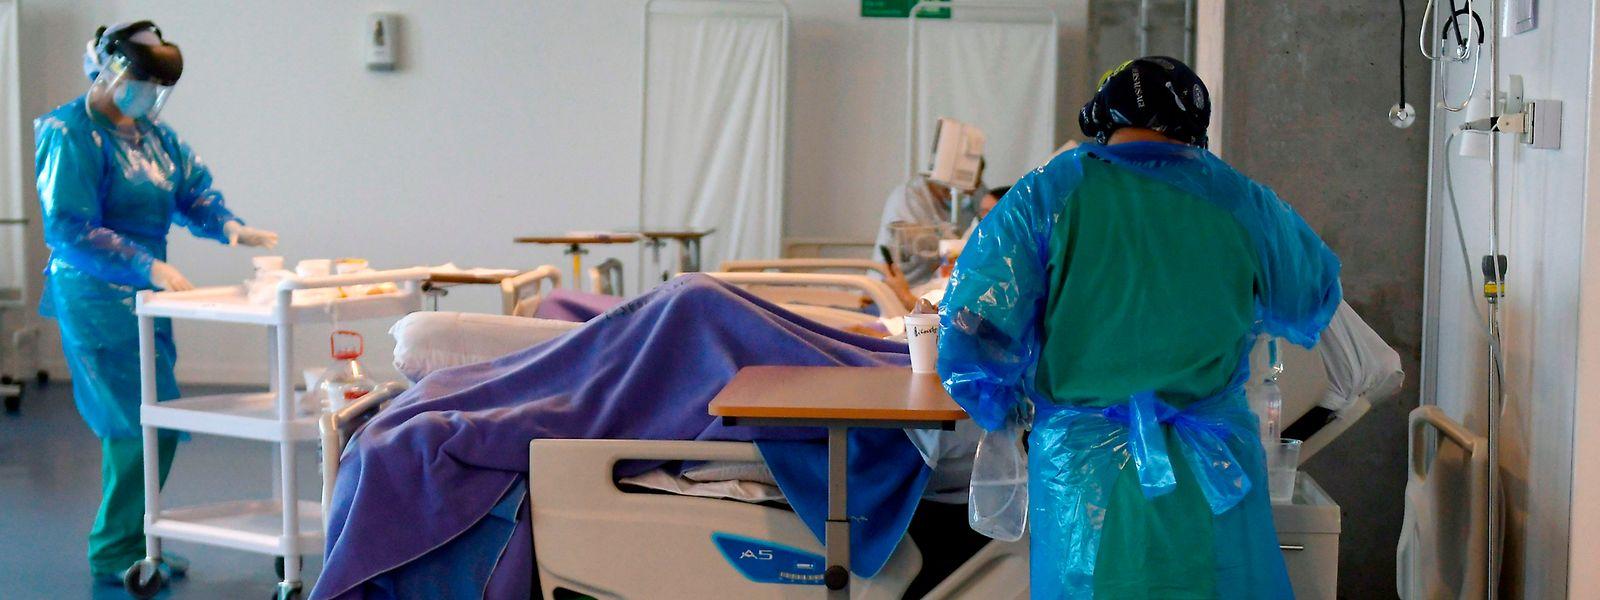 Si nécessaire, l'emploi d'hôpitaux de campagne pour faire face à un afflux trop massif de malades fait partie des pistes envisagées.